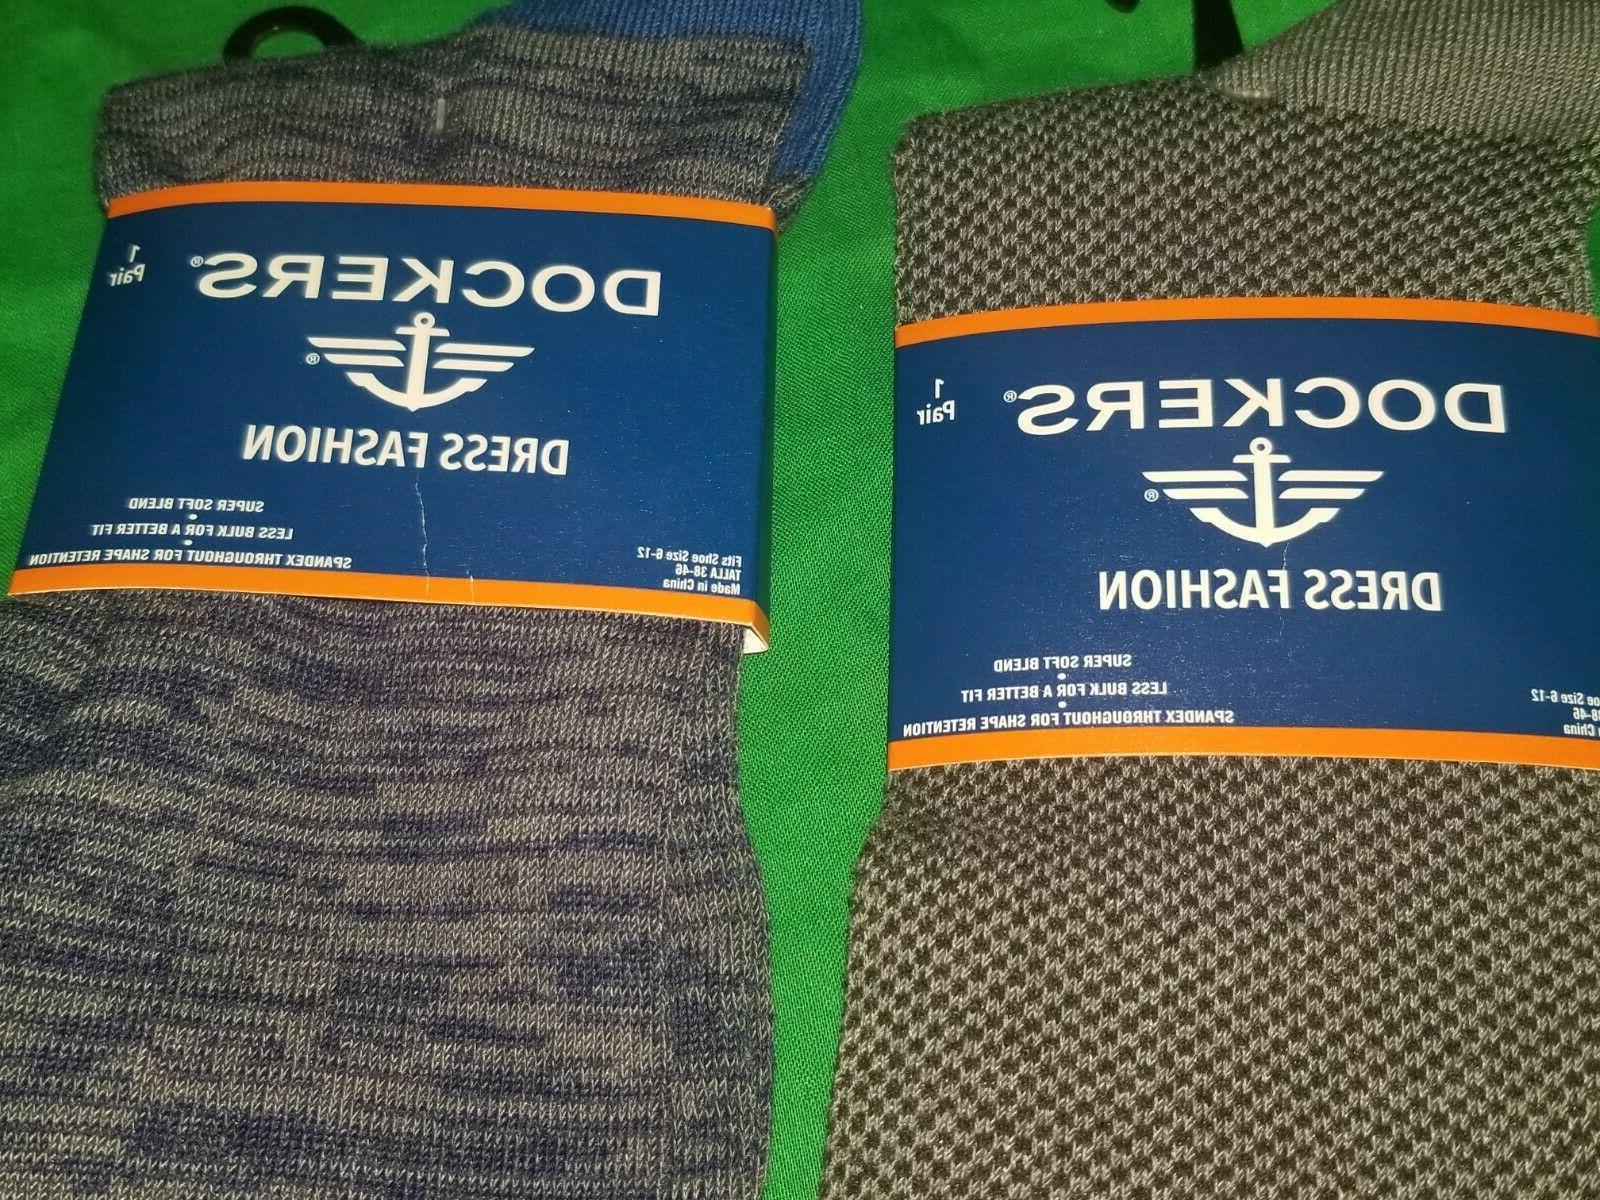 Dockers Dress 2 Gray & Blue Shoe Size 6-12 Blend